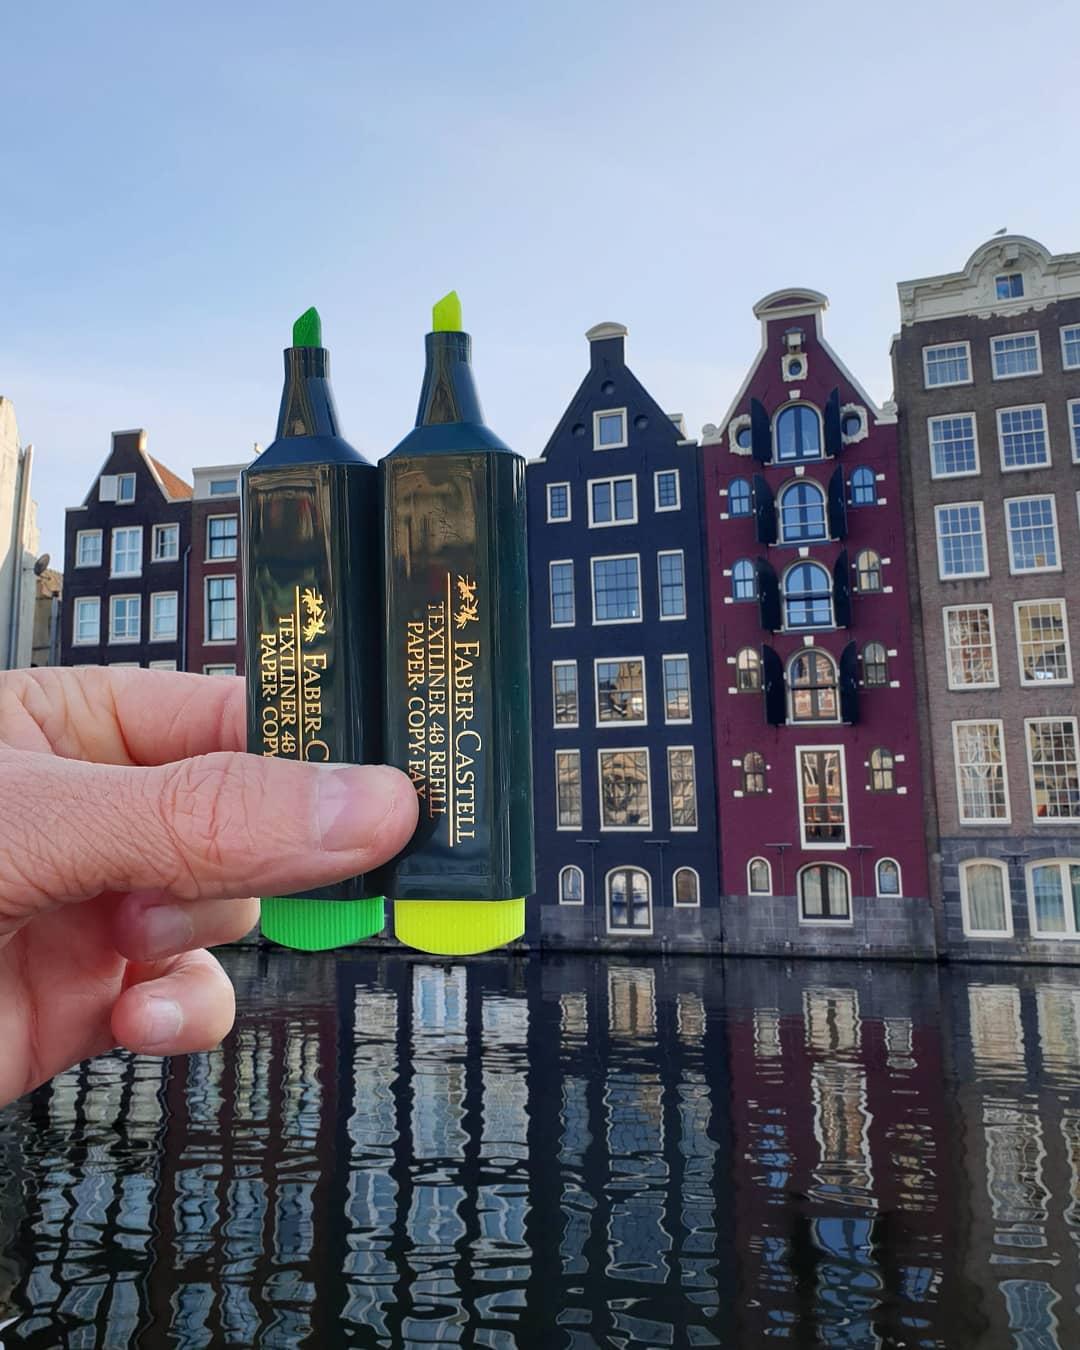 Những toà nhà đầy màu sắc bên kênh đào tại Amsterdam, Hà Lan được Hugo liên tưởng với những cây bút nhớ.